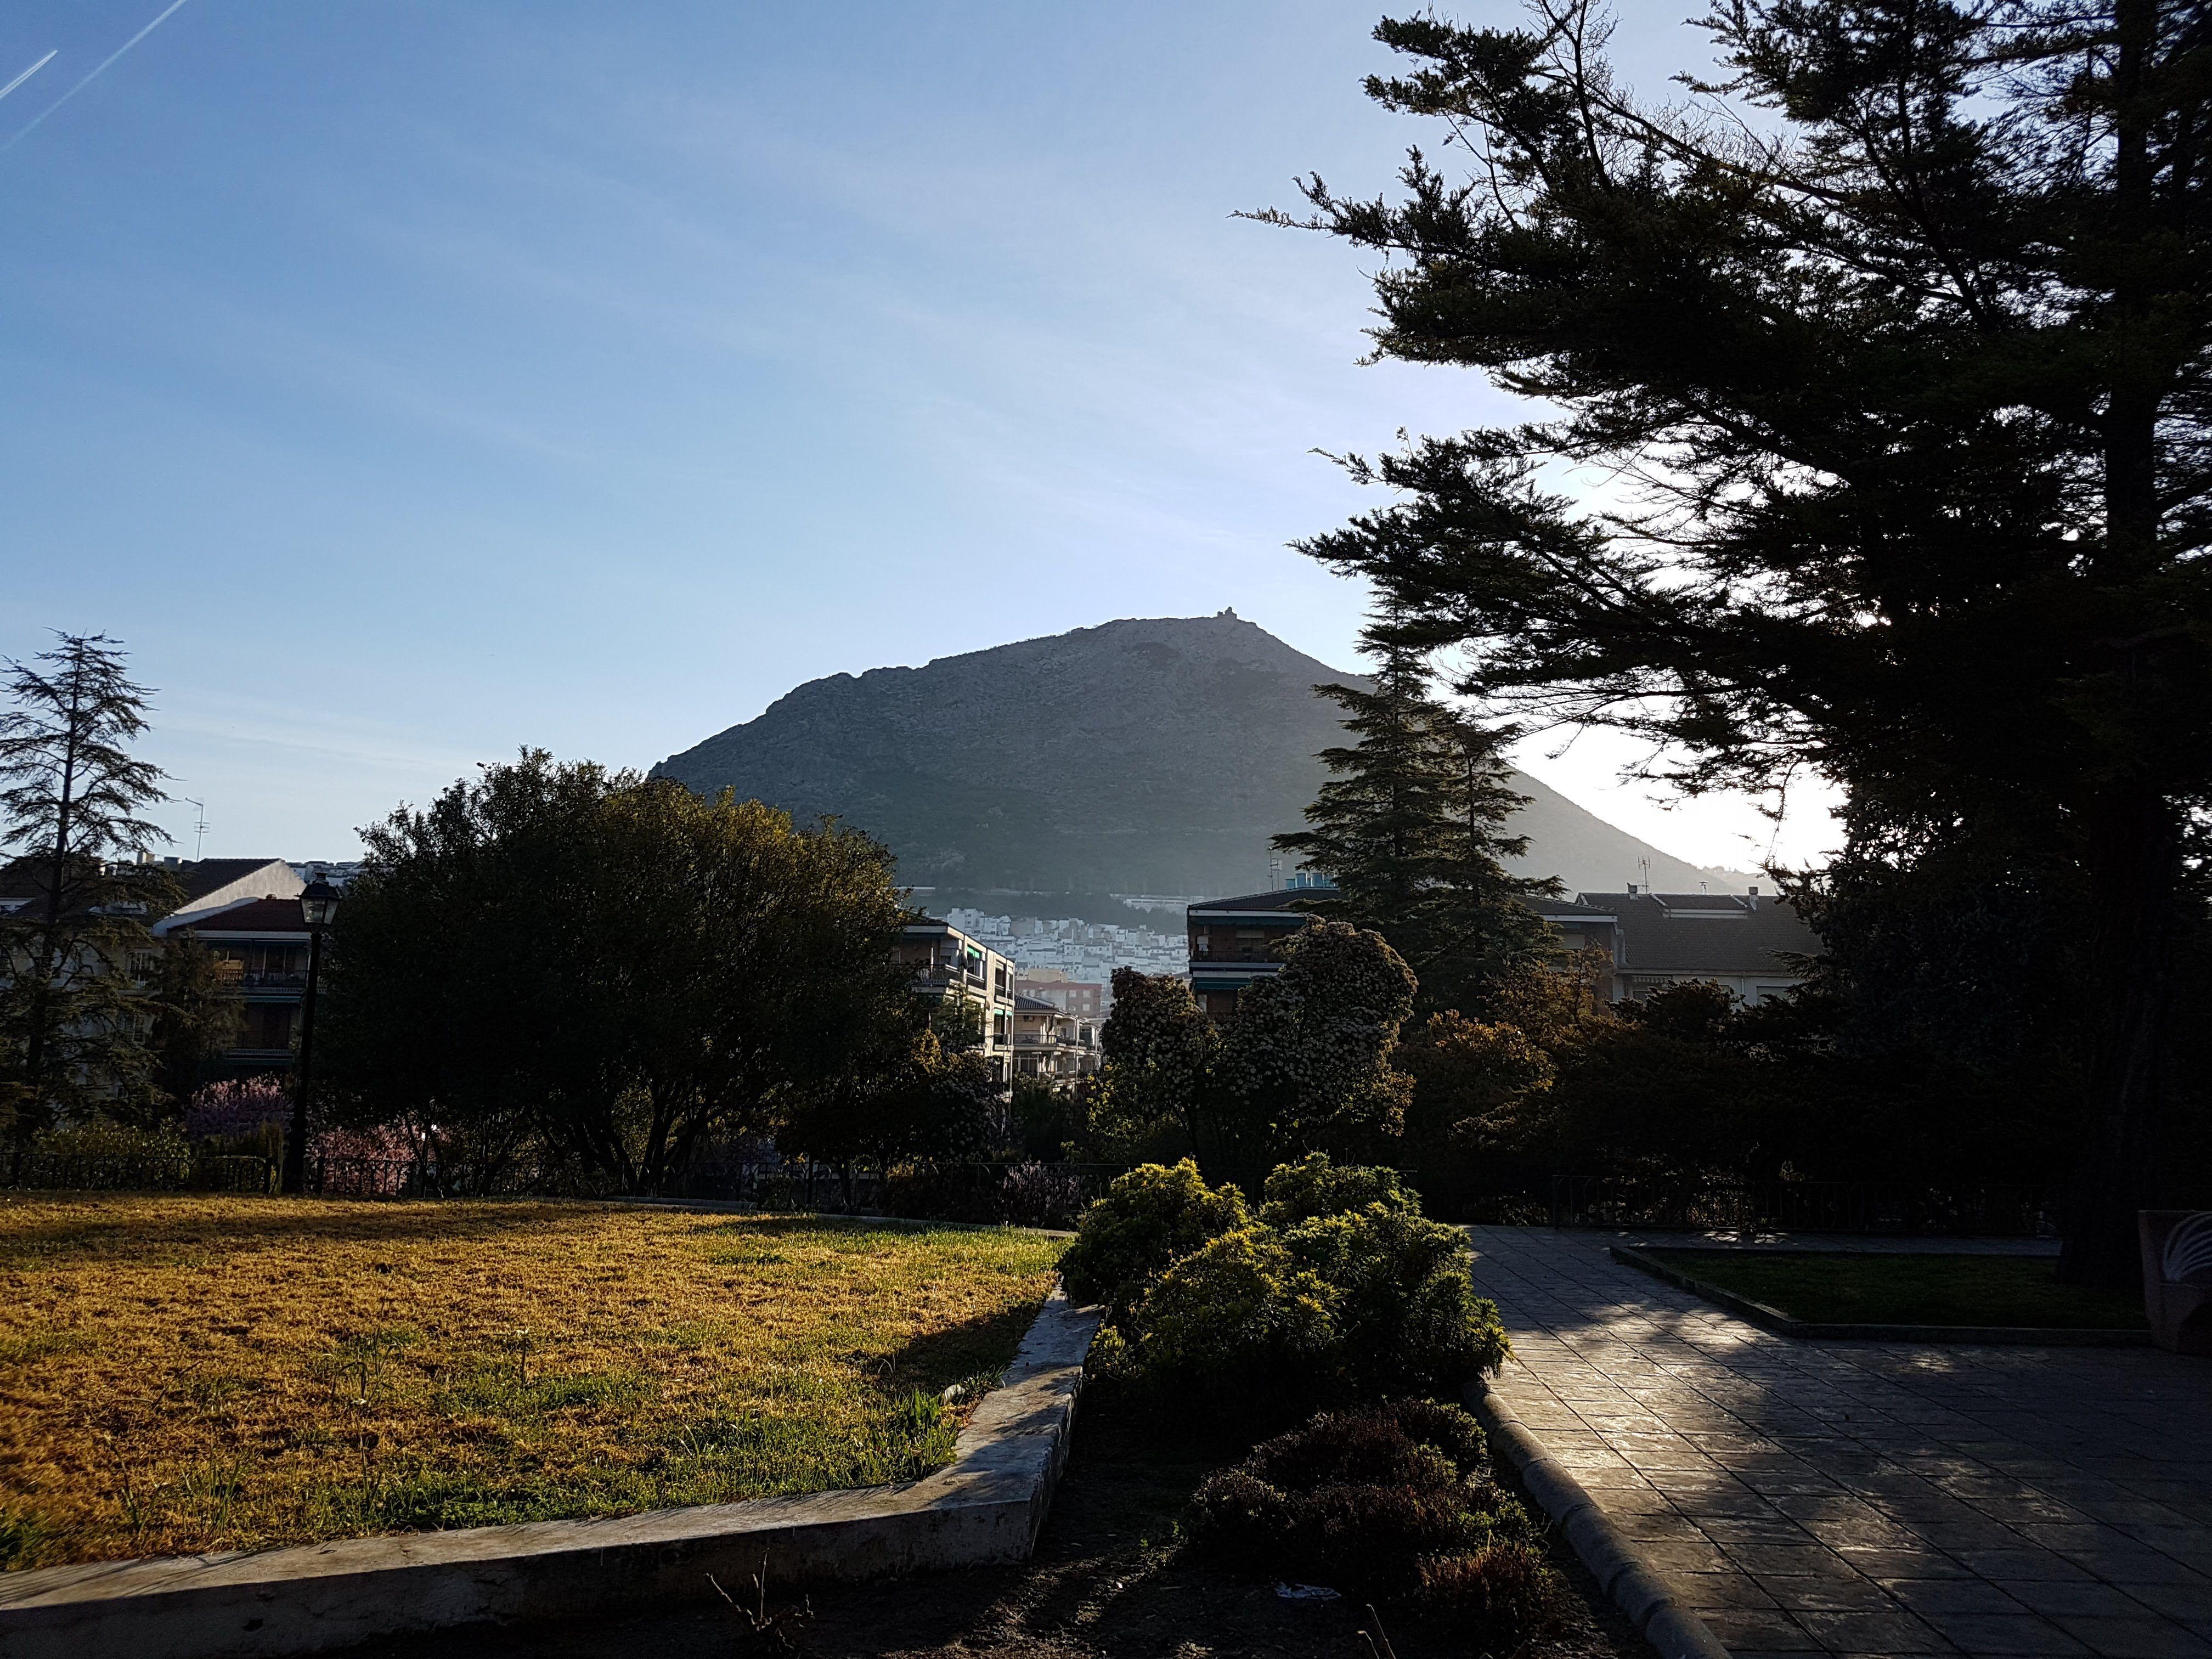 la peña vista desde el parque Manuel Carrasco